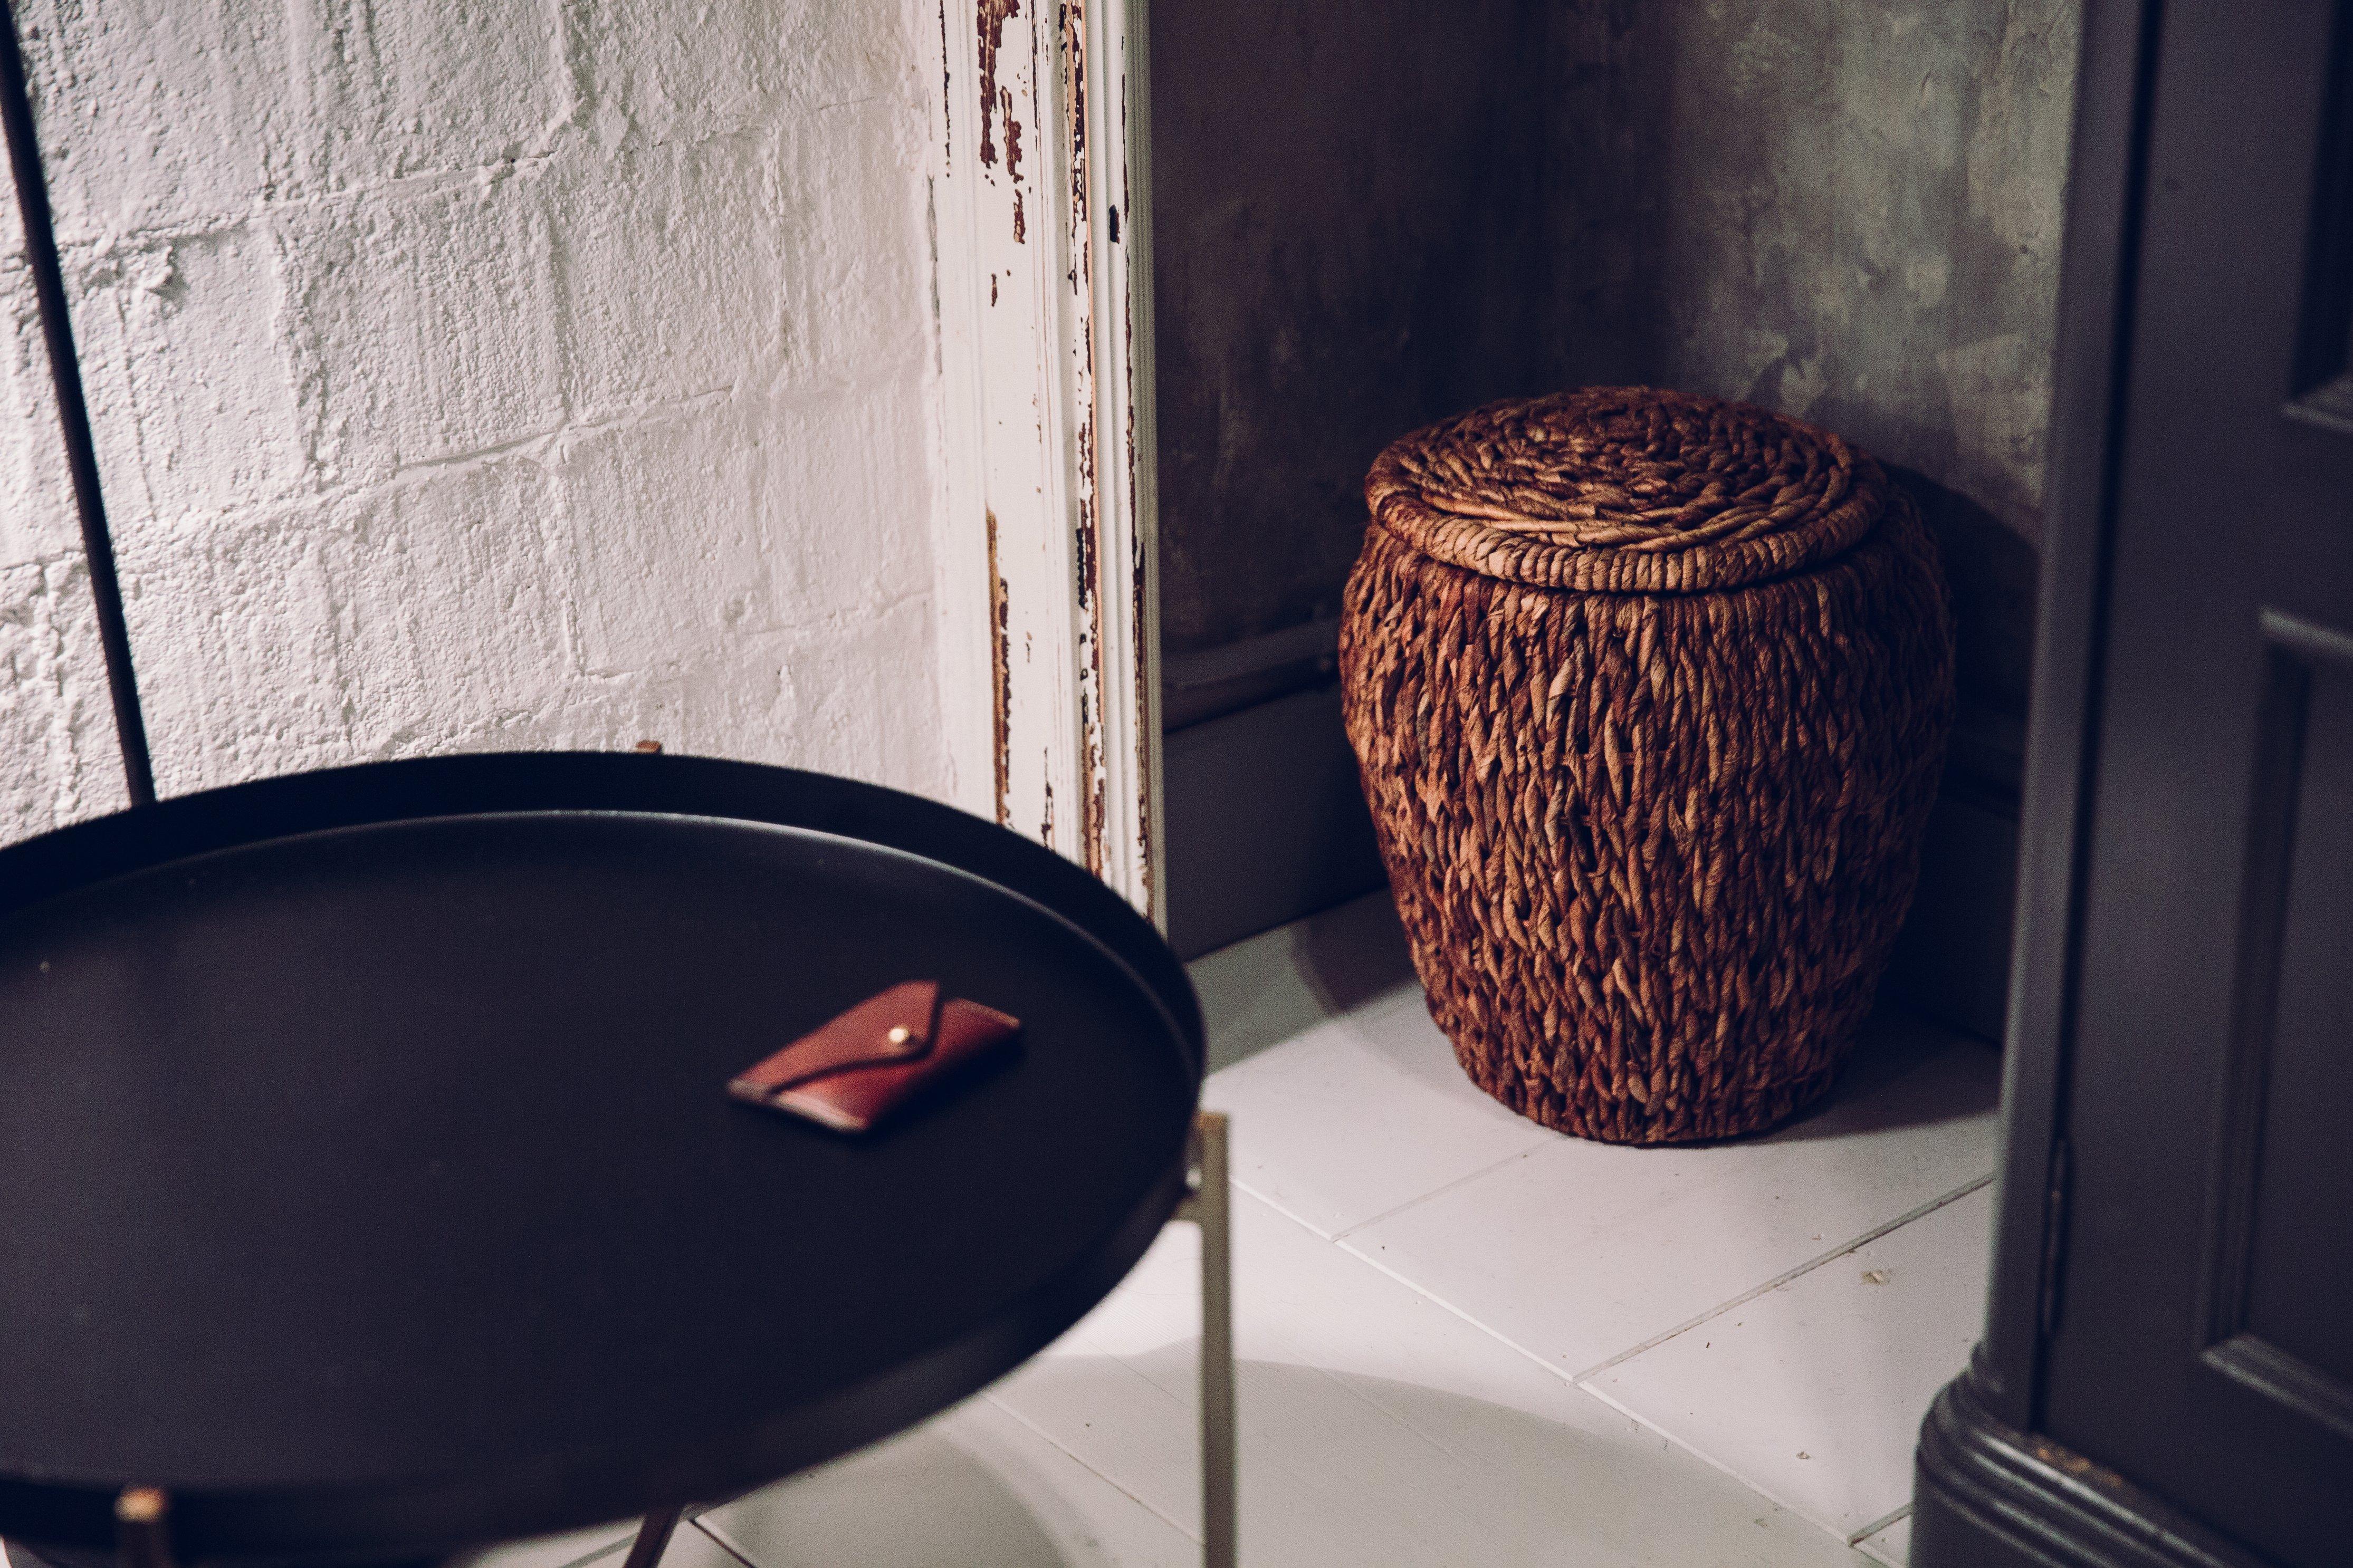 wicker-basket-in-the-corner-a-room(1)